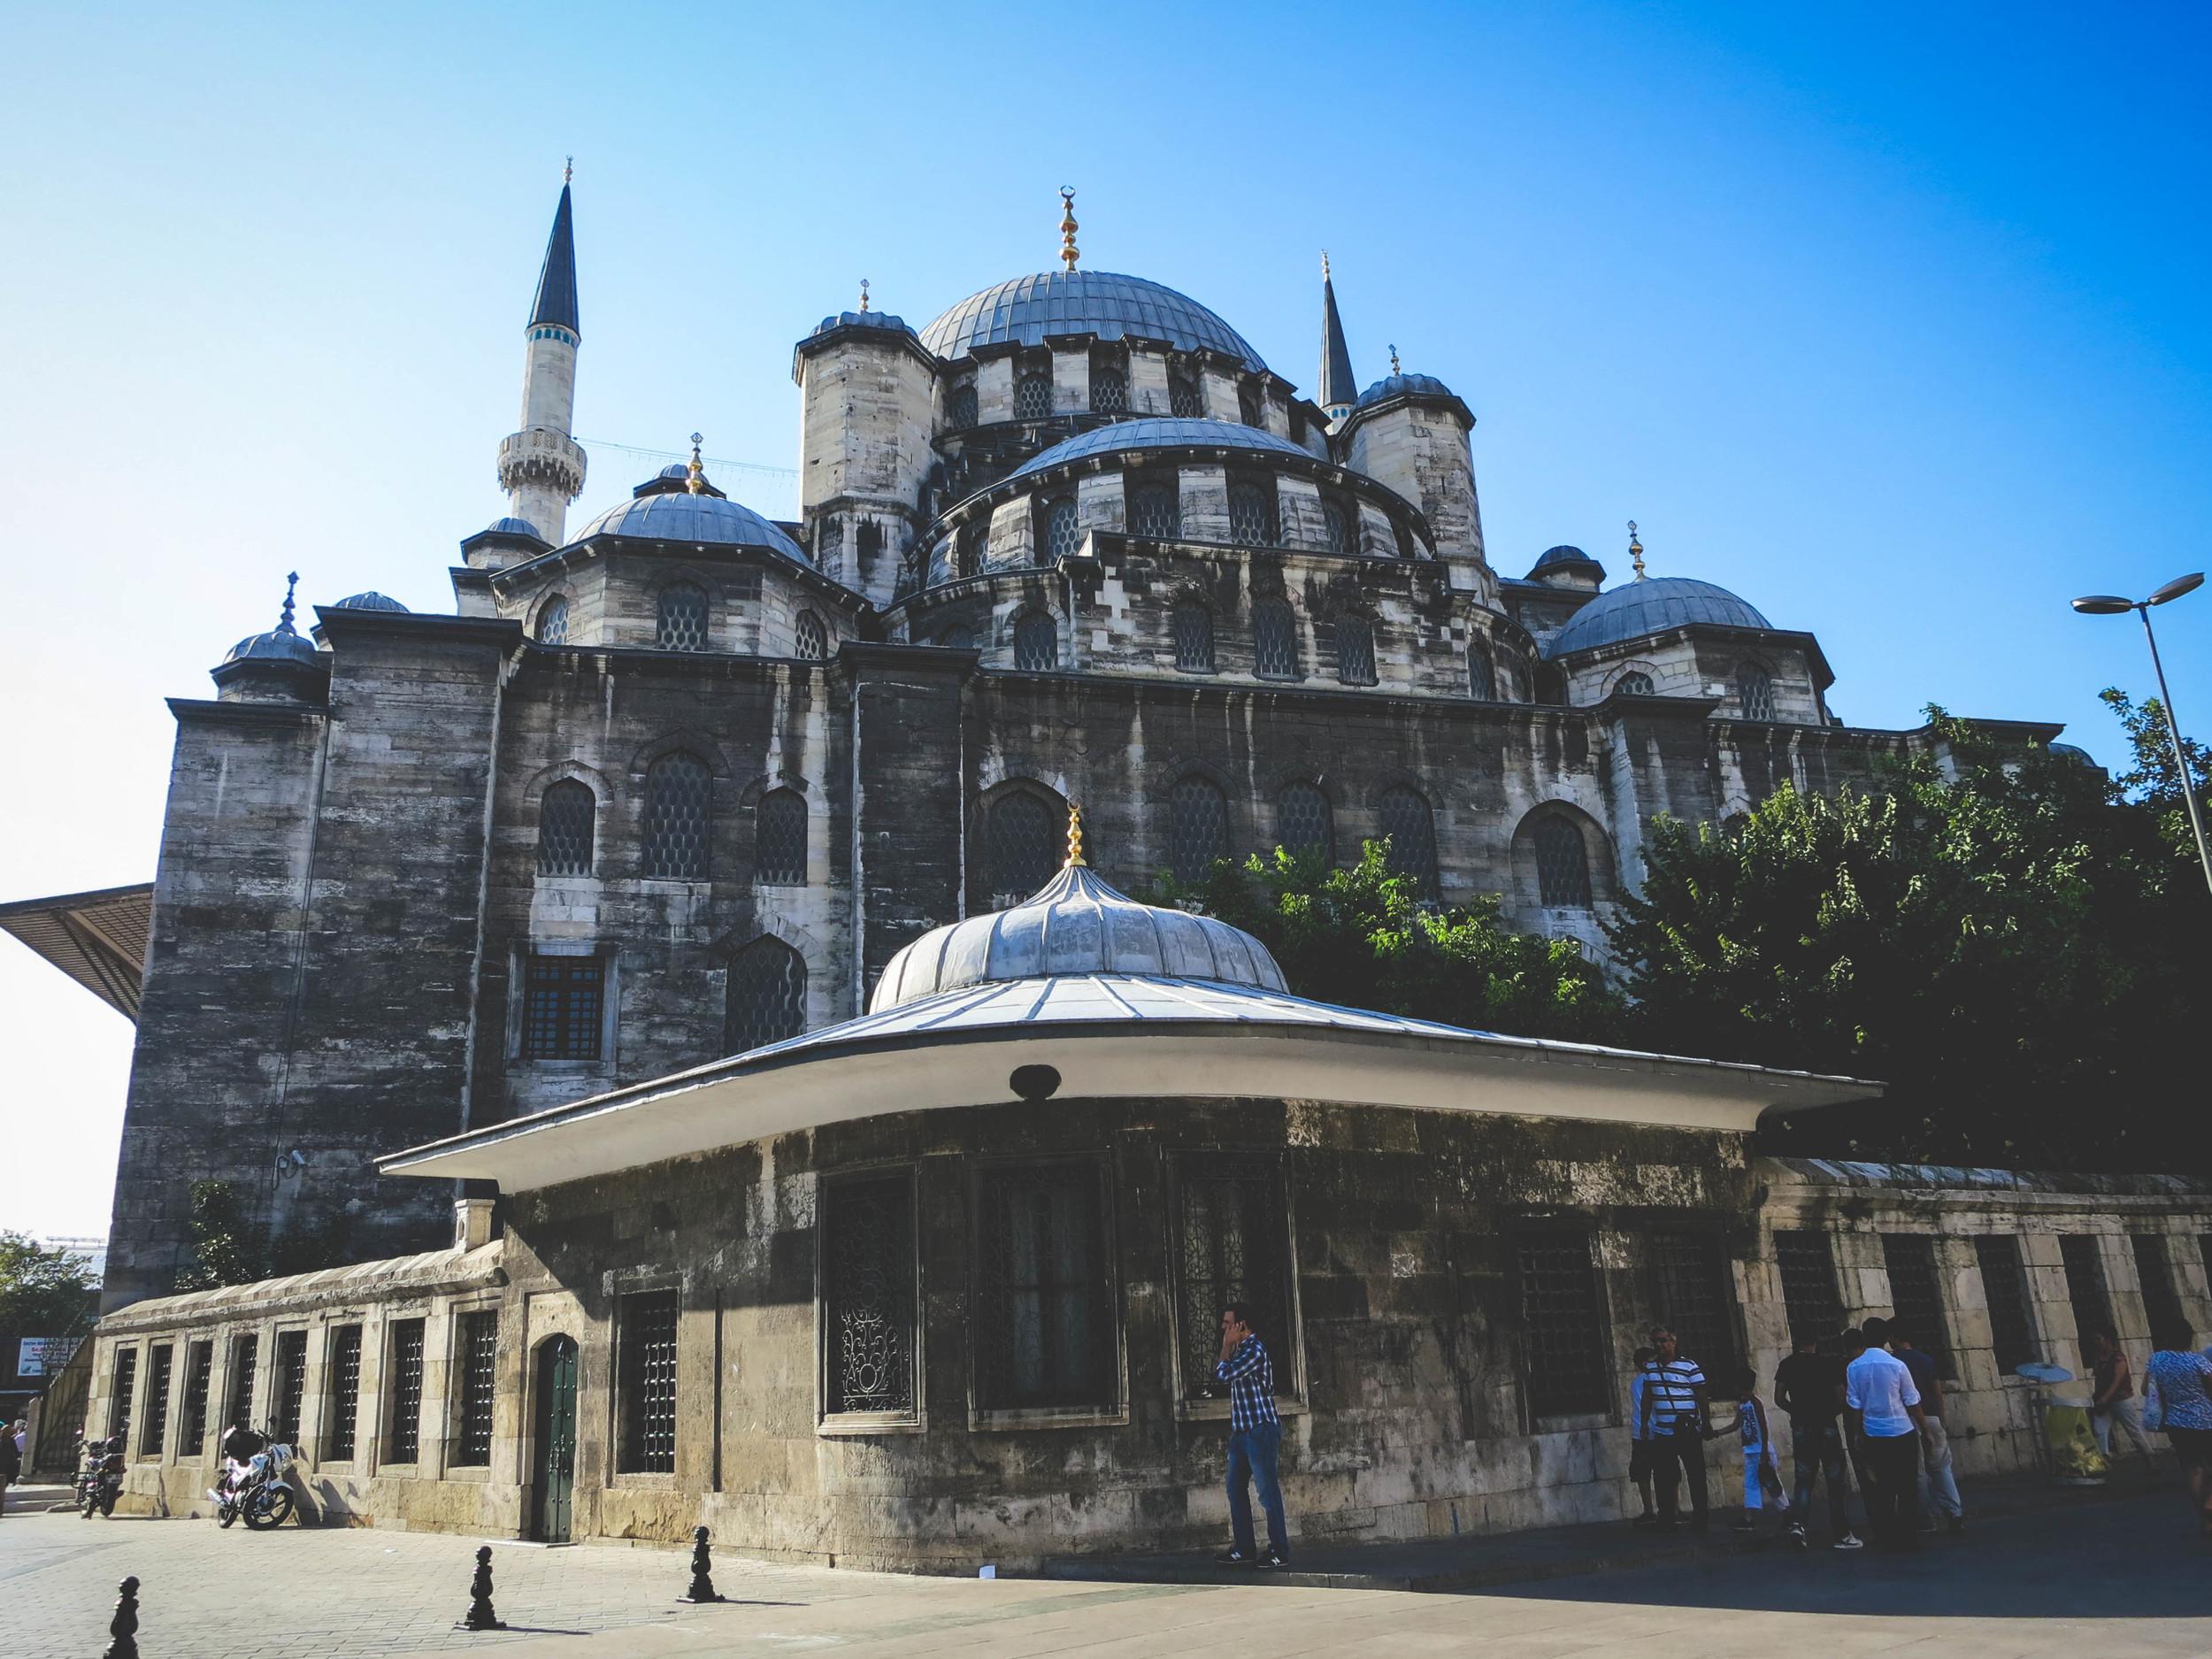 Biserica Sfânta Sofia din Constantinopol (537-1453), fostă moschee (1453-1935), acum muzeu in Istanbul, Turcia